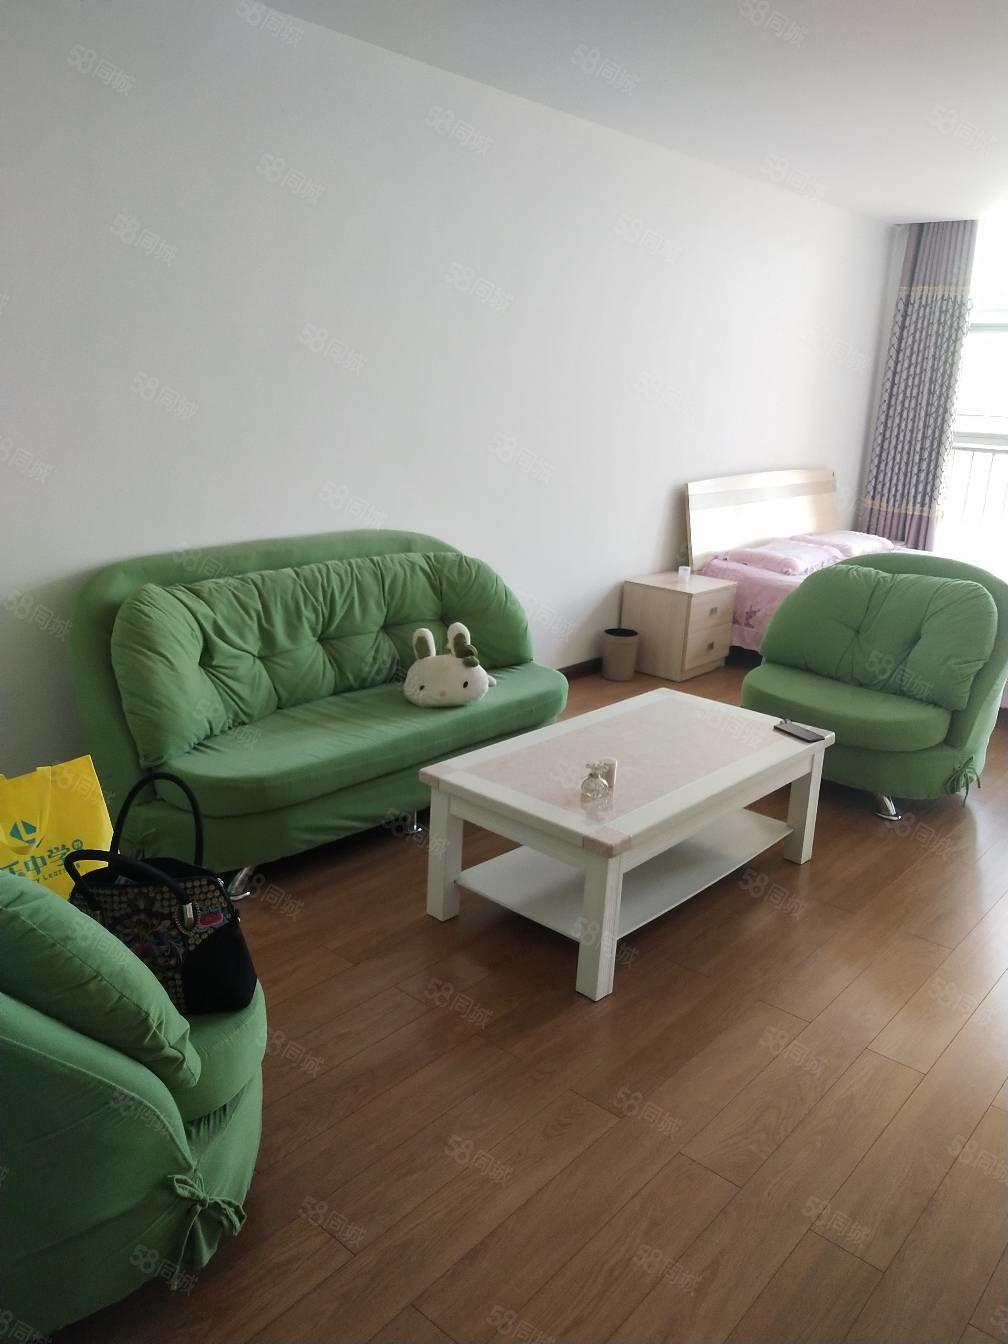 (可按揭)中房小公寓57平米中层带品牌家具家电有证可按揭